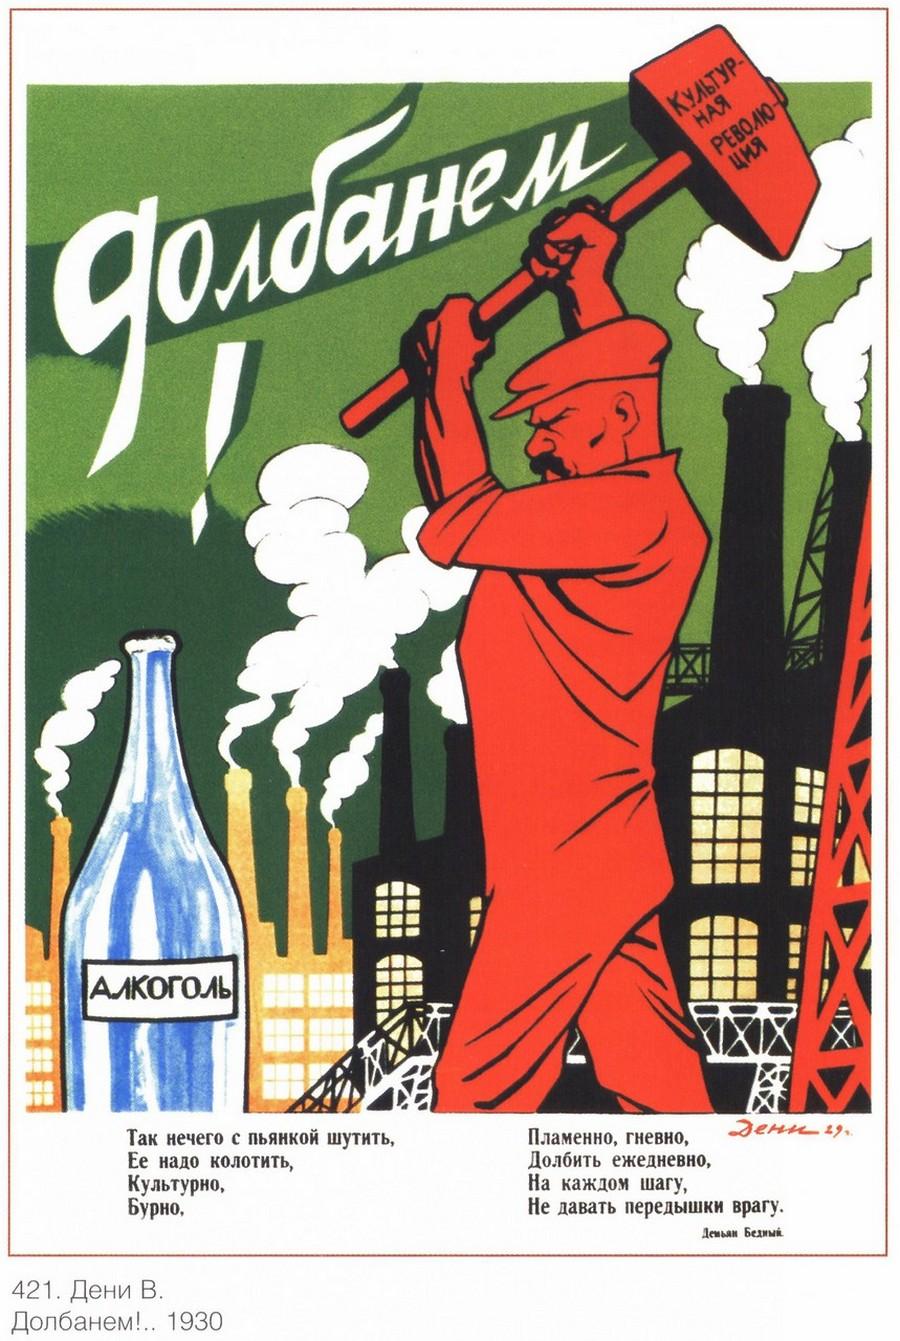 Пьянству бой: антиалкогольные советские плакаты  10 1